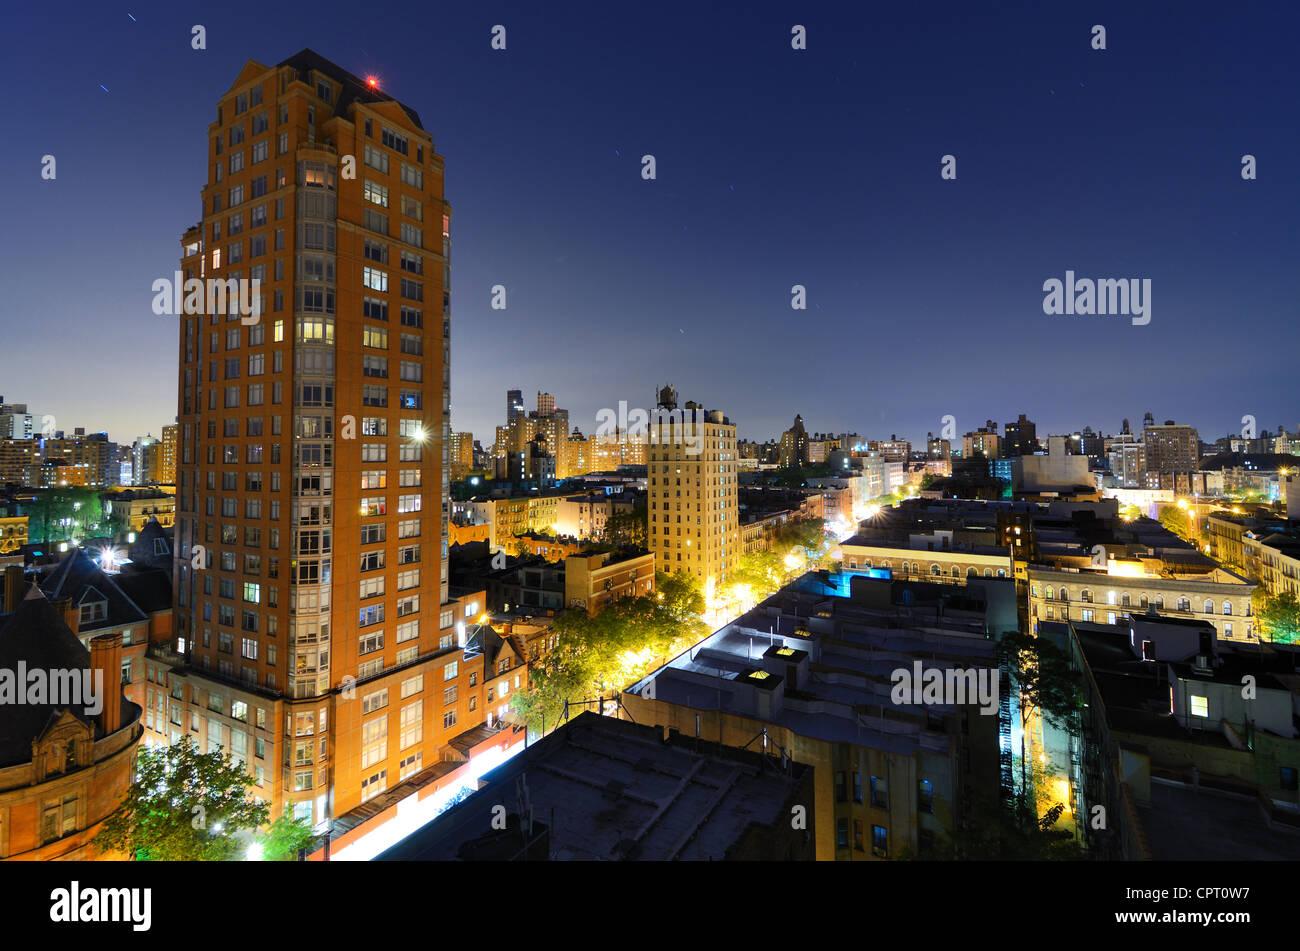 Skyline di edifici residenziali in Upper West Side di Manhattan di notte Immagini Stock